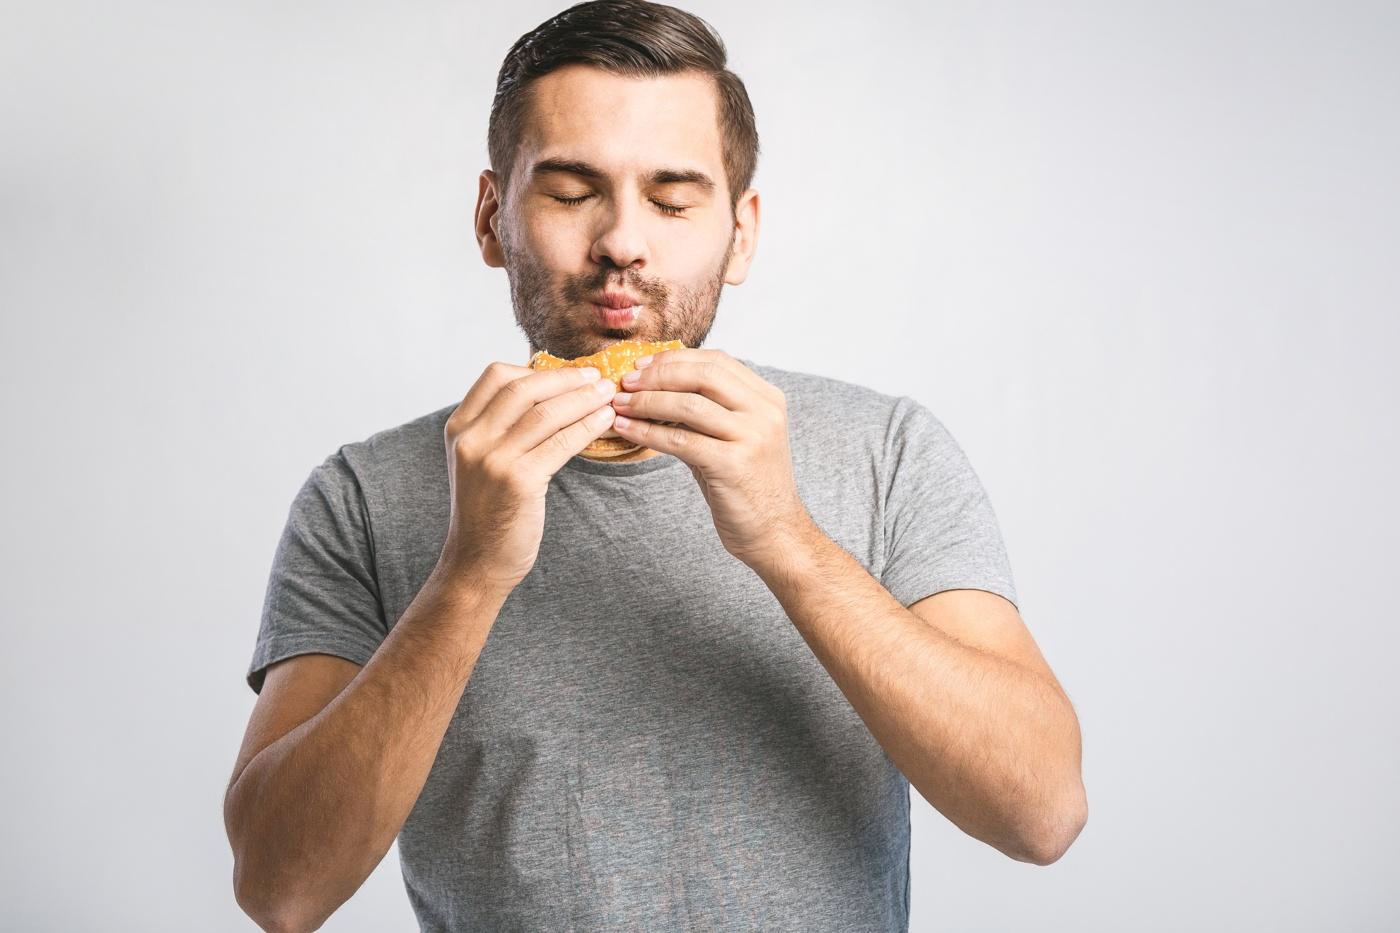 como controlar o apetite e a grelina